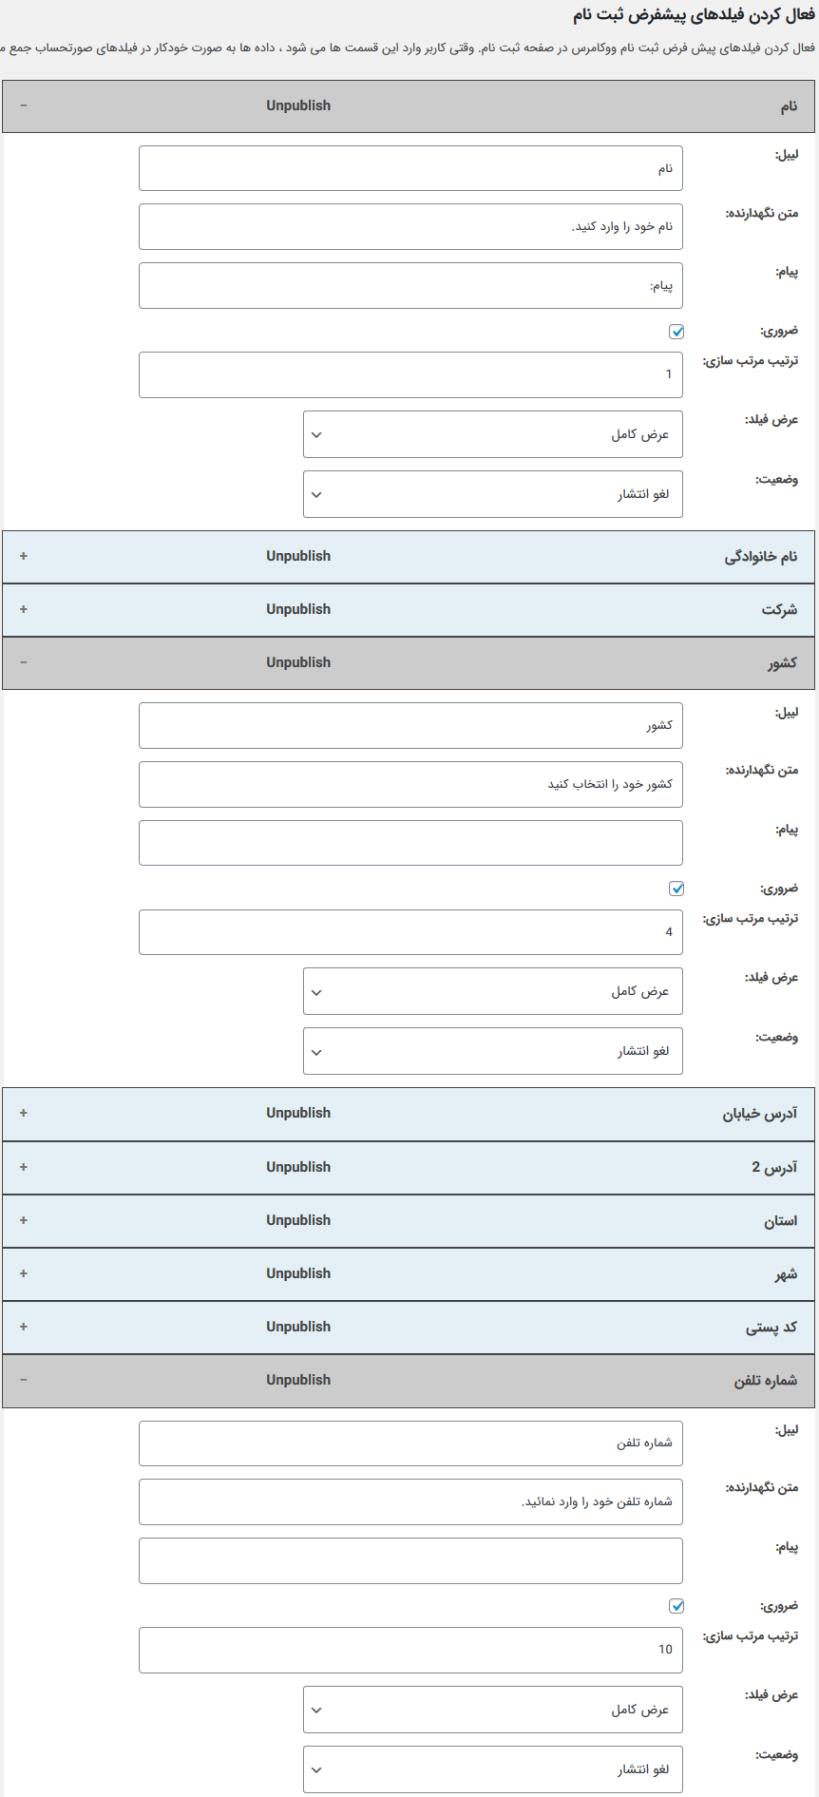 فعال/غیرفعال کردن فیلدهای ثبت نام پیشفرض ووکامرس